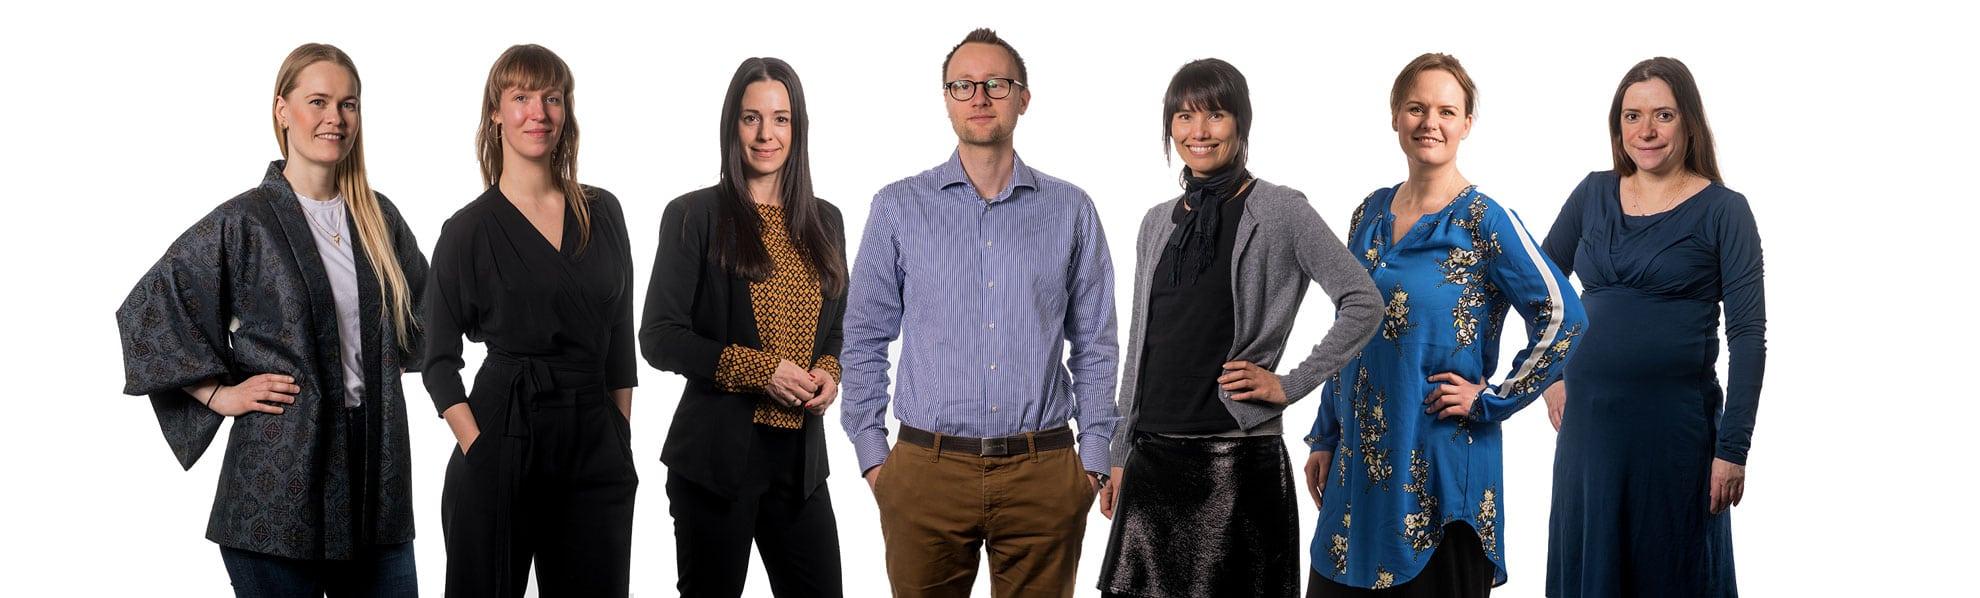 Mød teamet i vores oversættelsesbureau